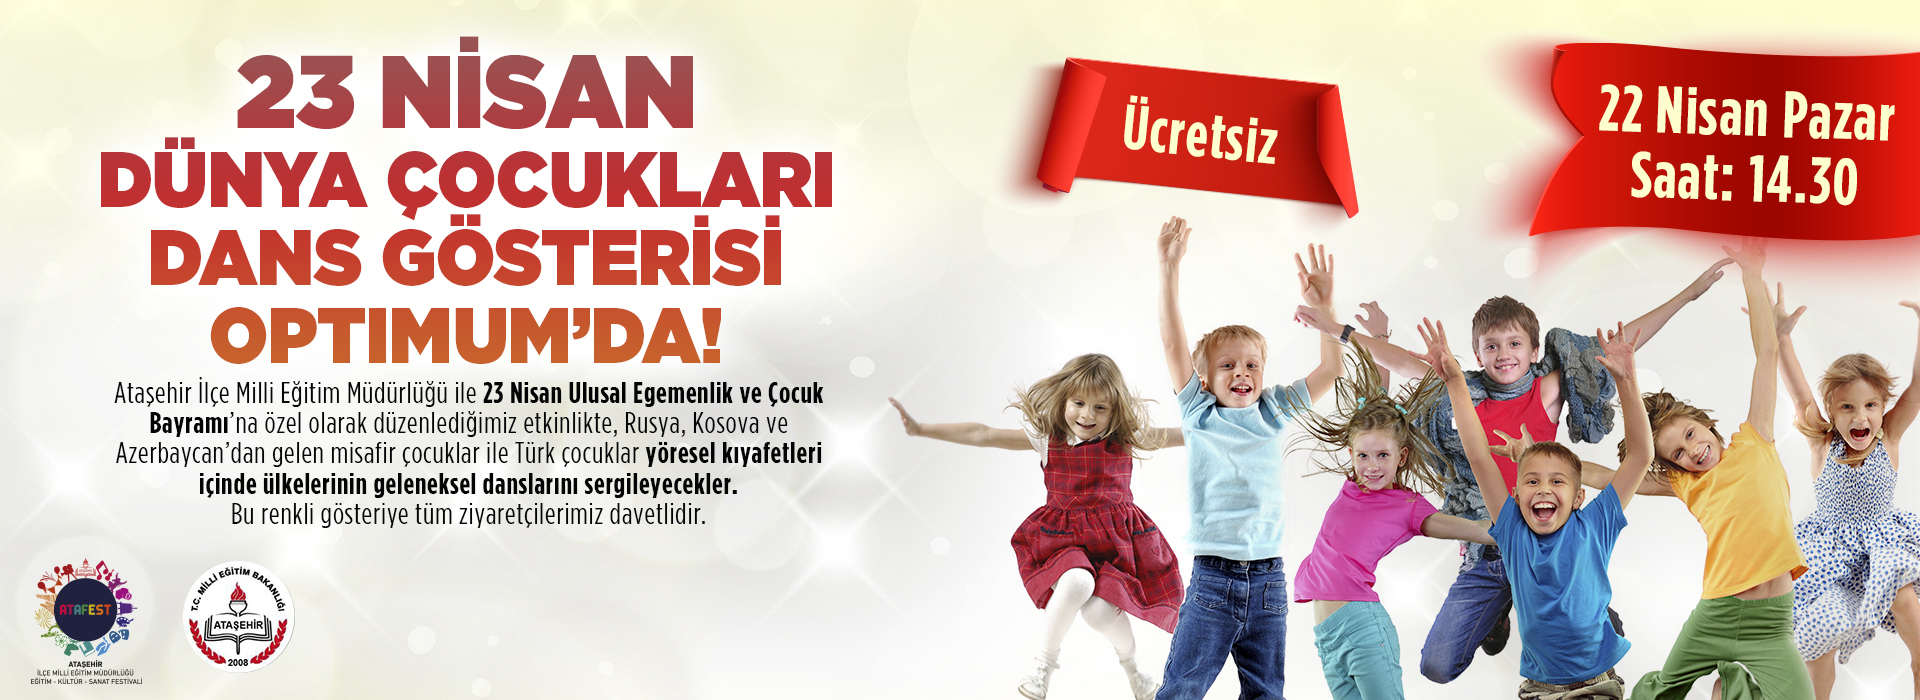 23 Nisan Dünya Çocukları Dans Gösterisi Optimum'da!